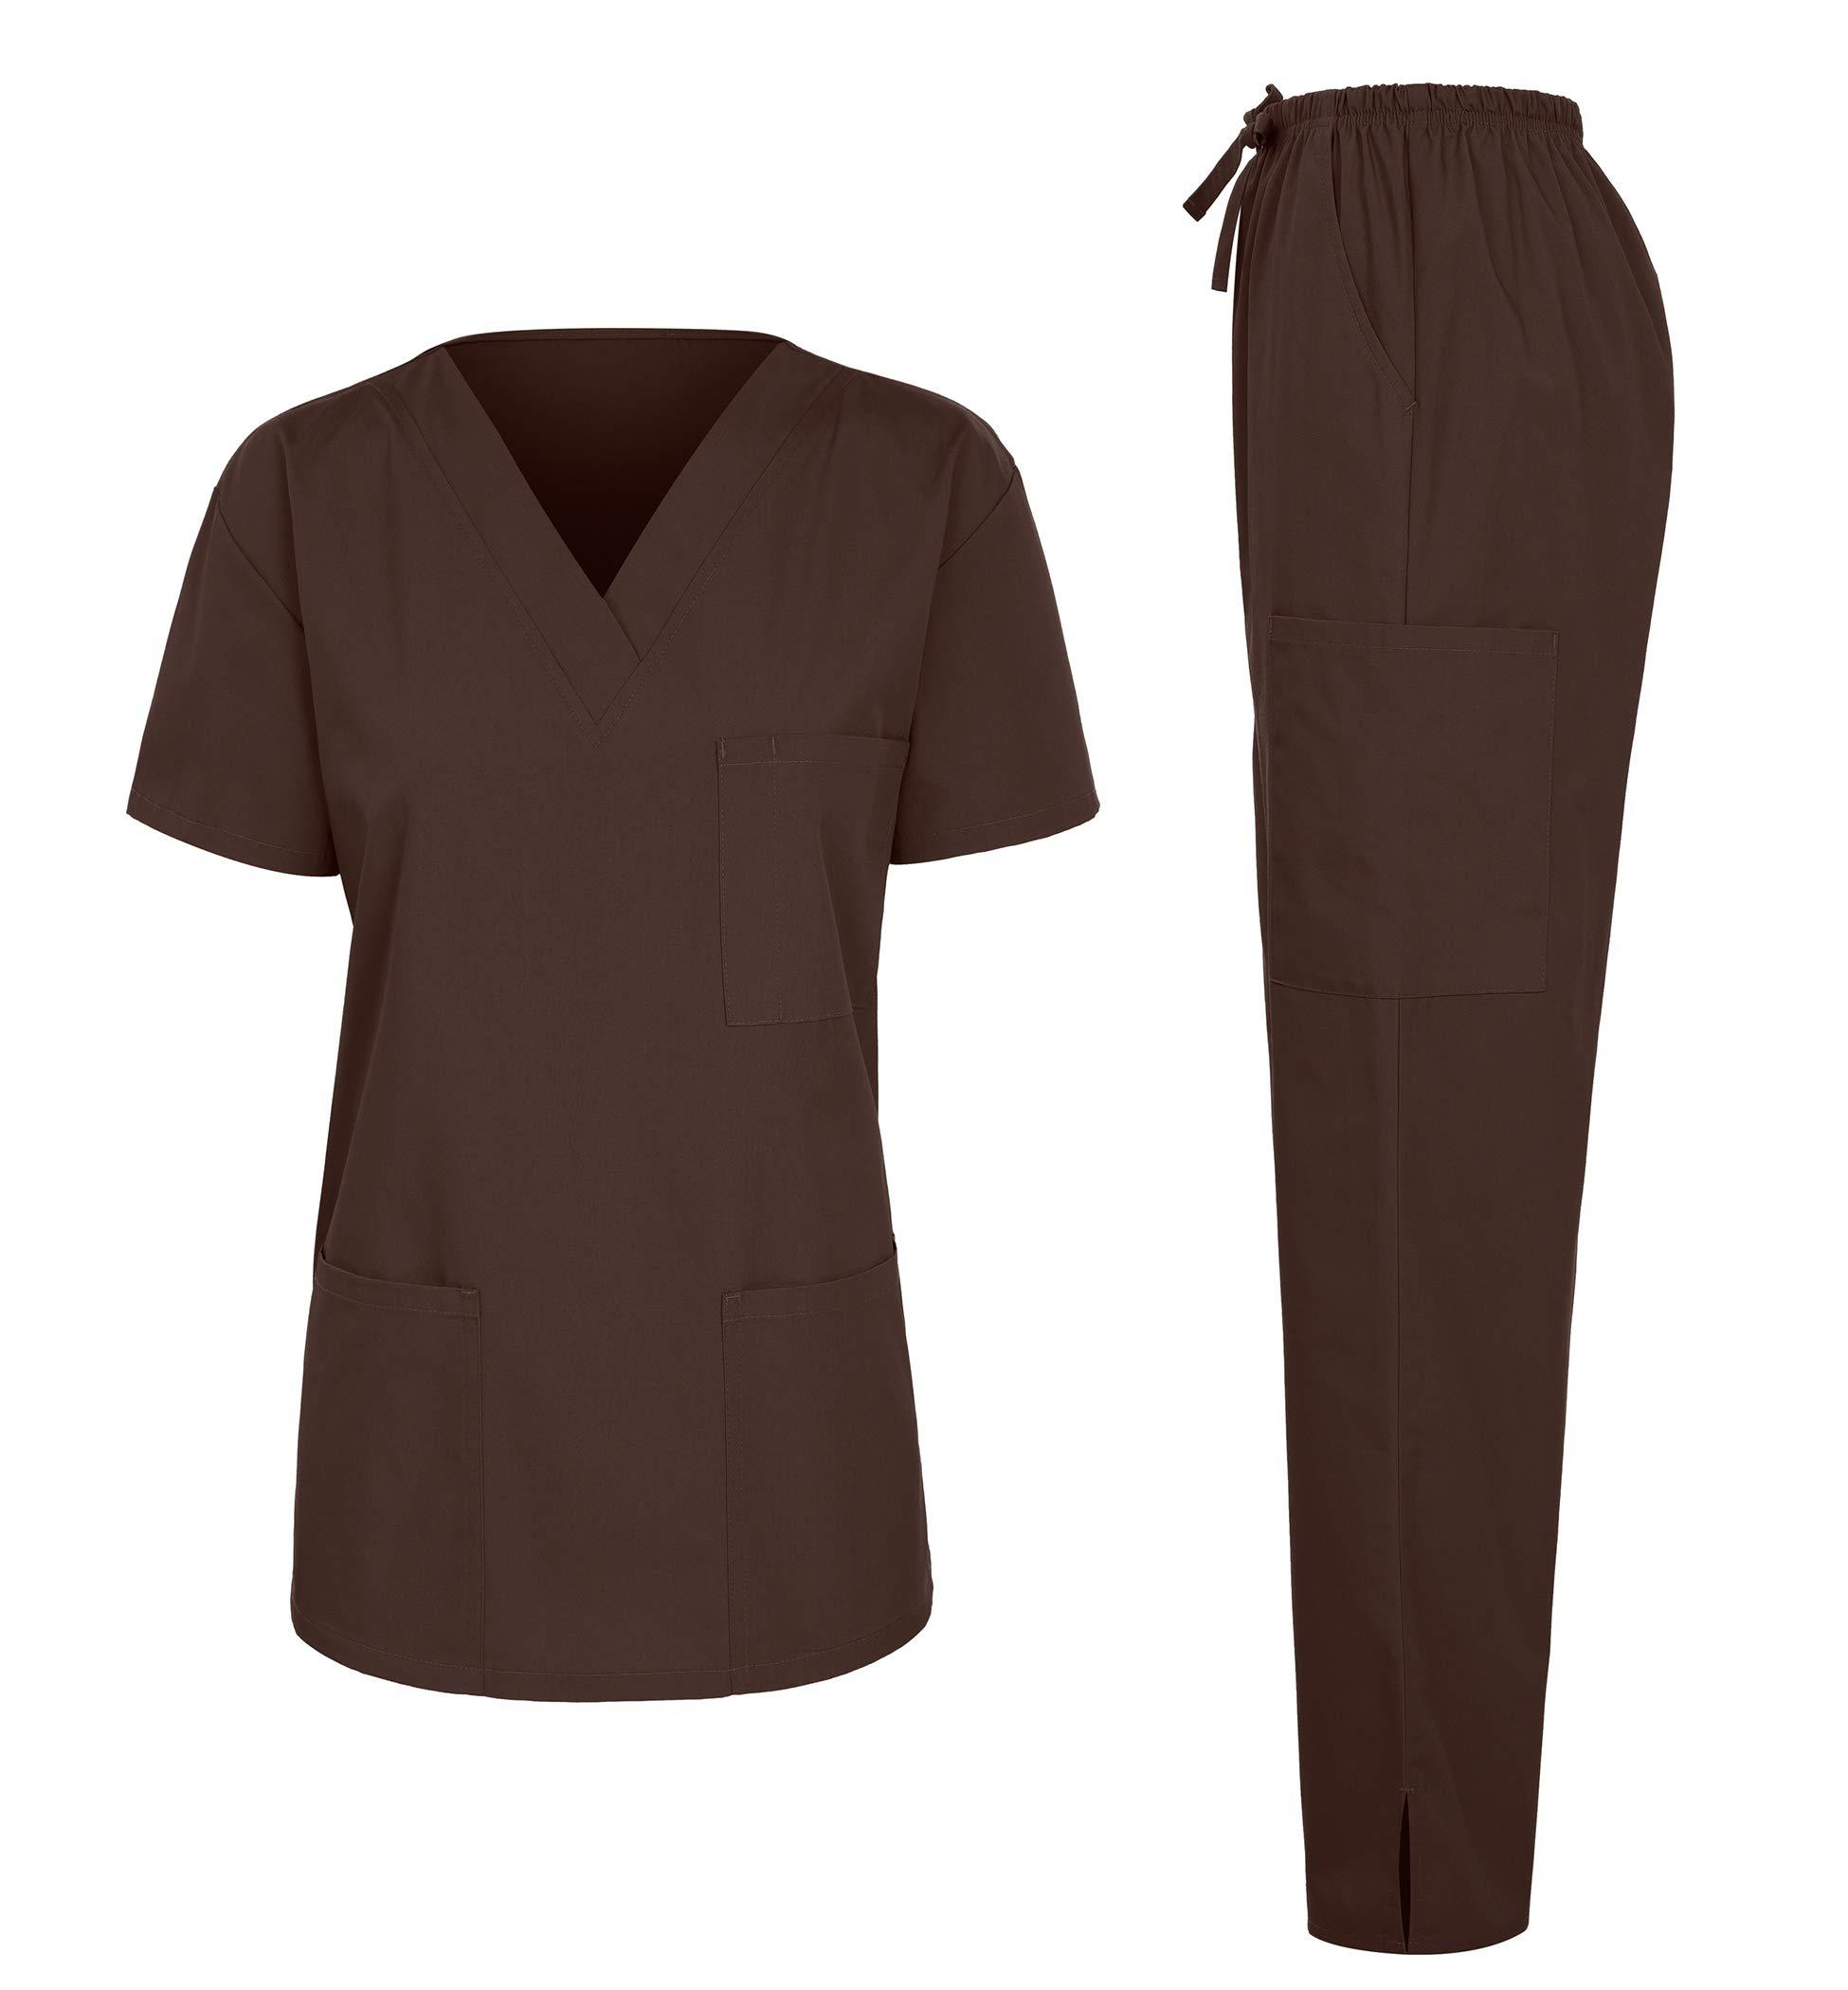 7047 Women's Medical Scrubs Set (V-Neck Top+Drawstring Pant) Brown 3XLarge